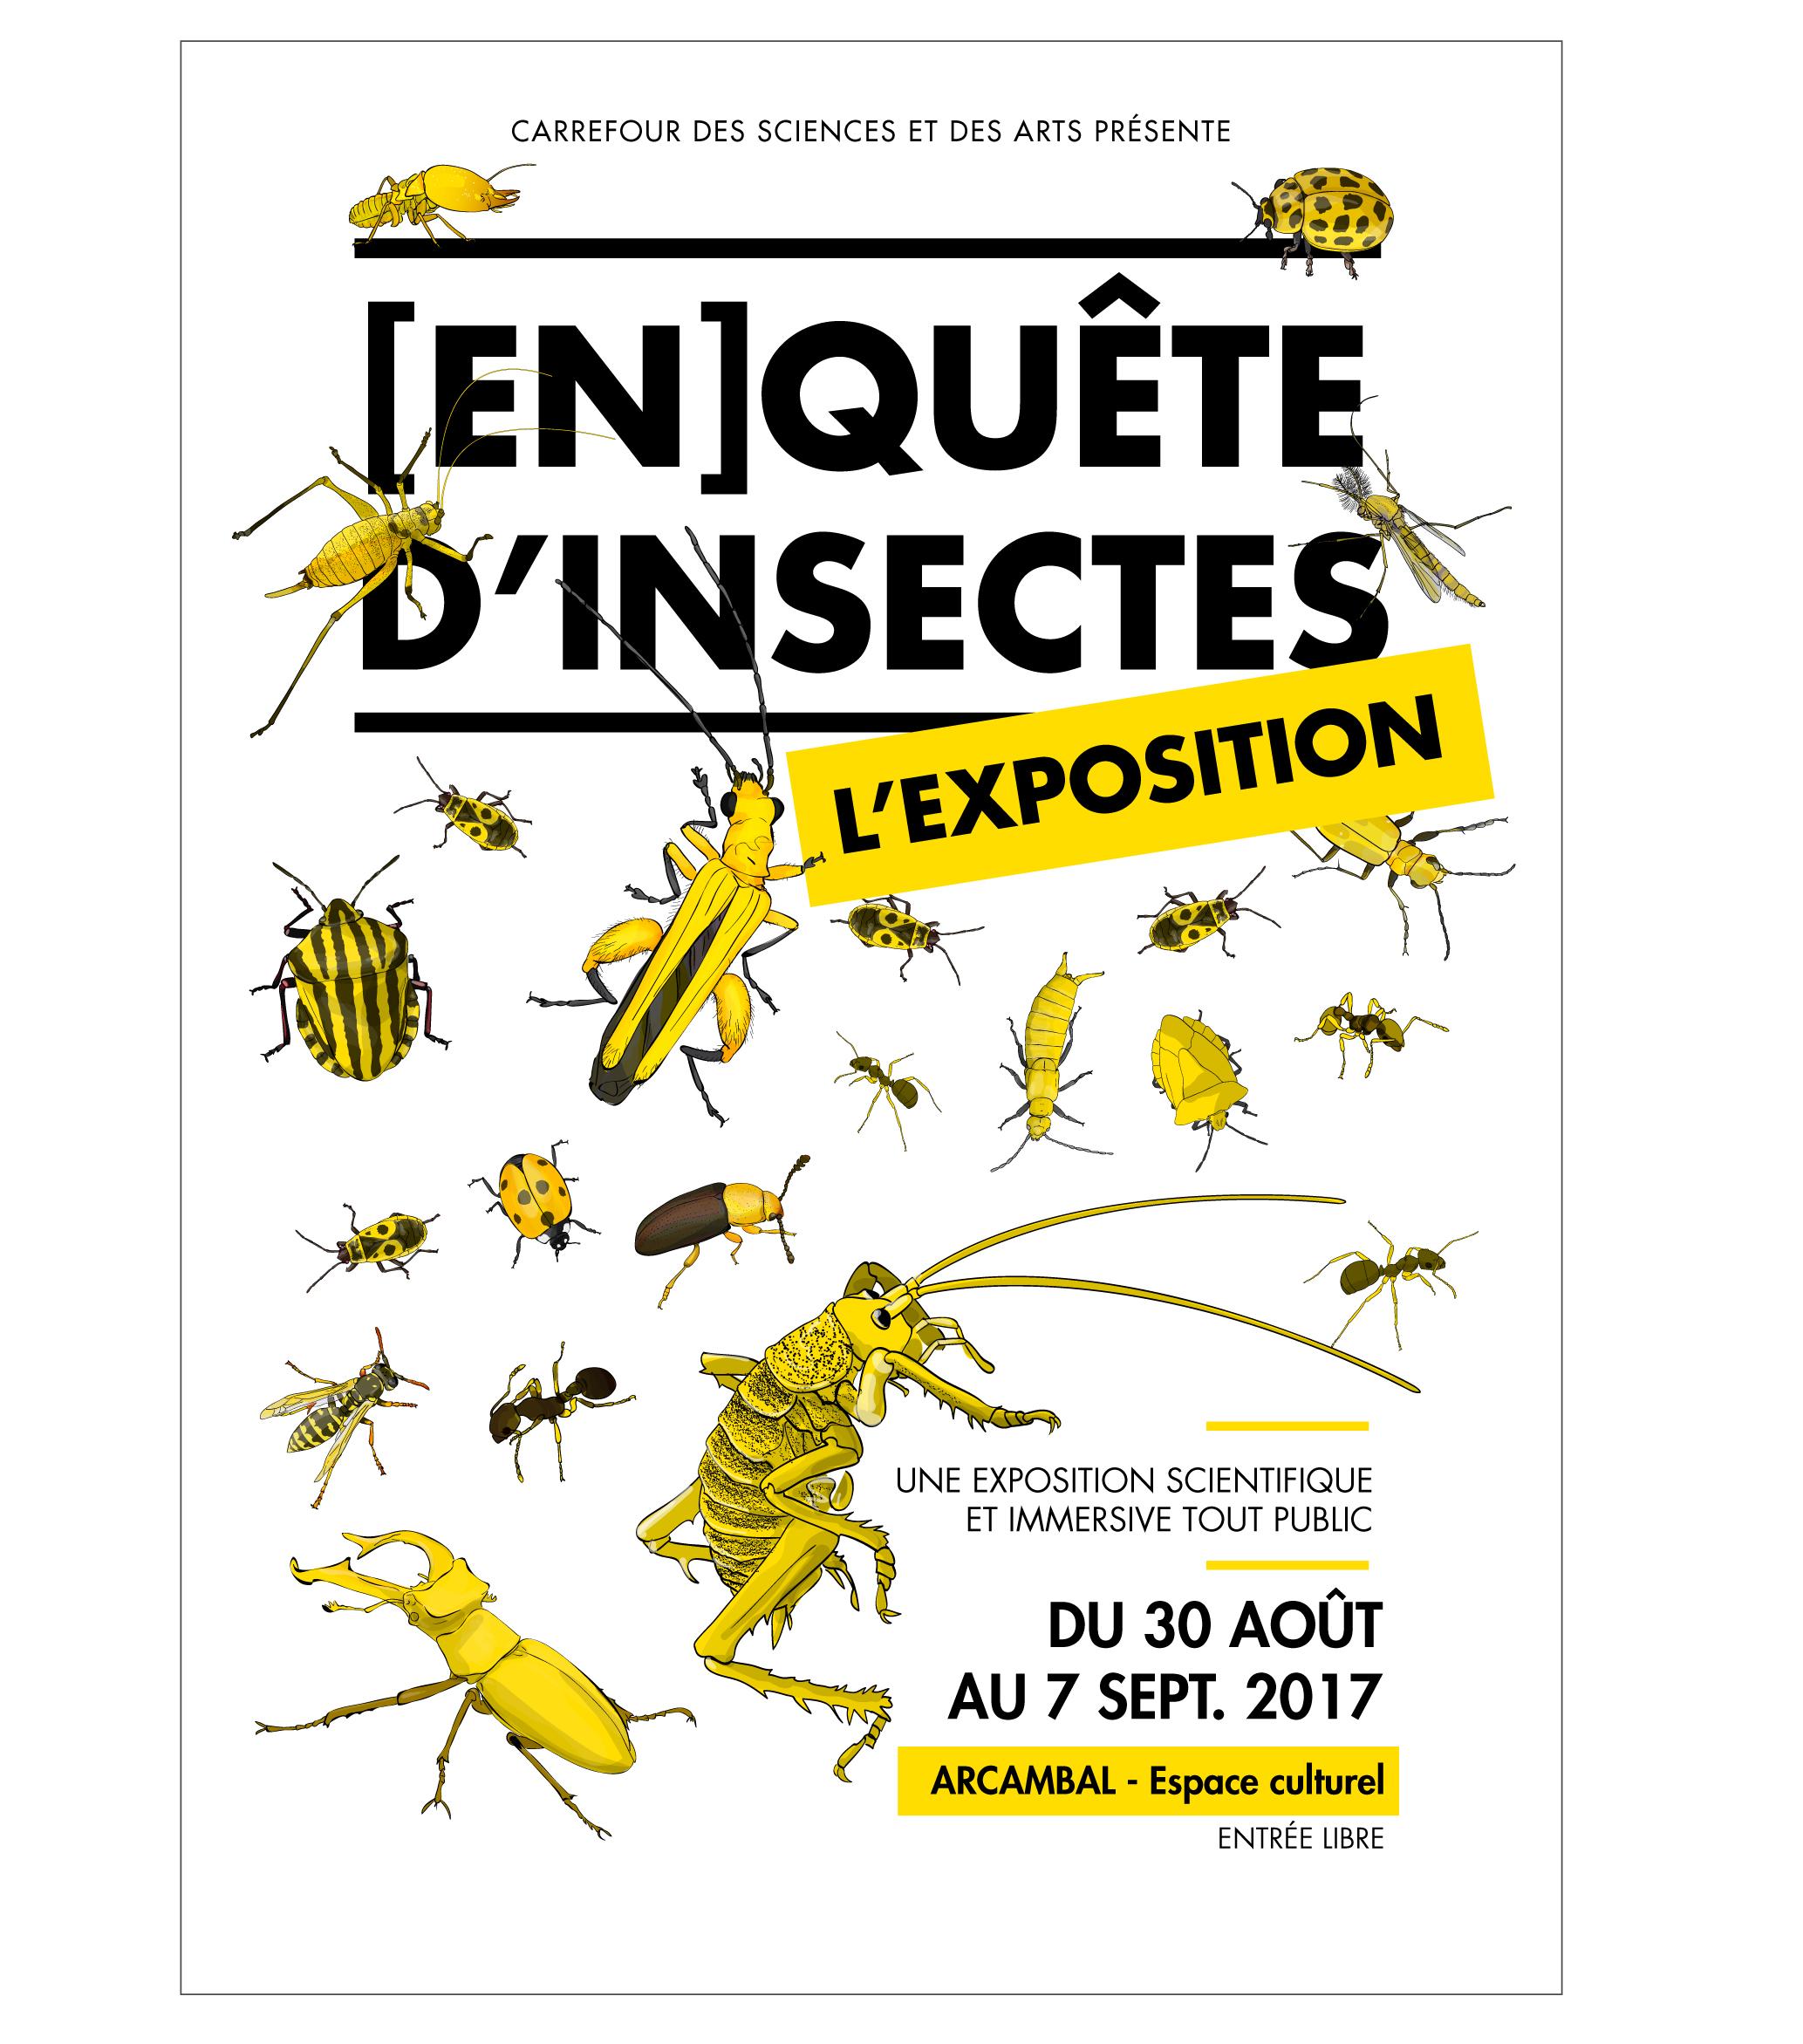 affiche de l'exposition [en]quête d'insectes